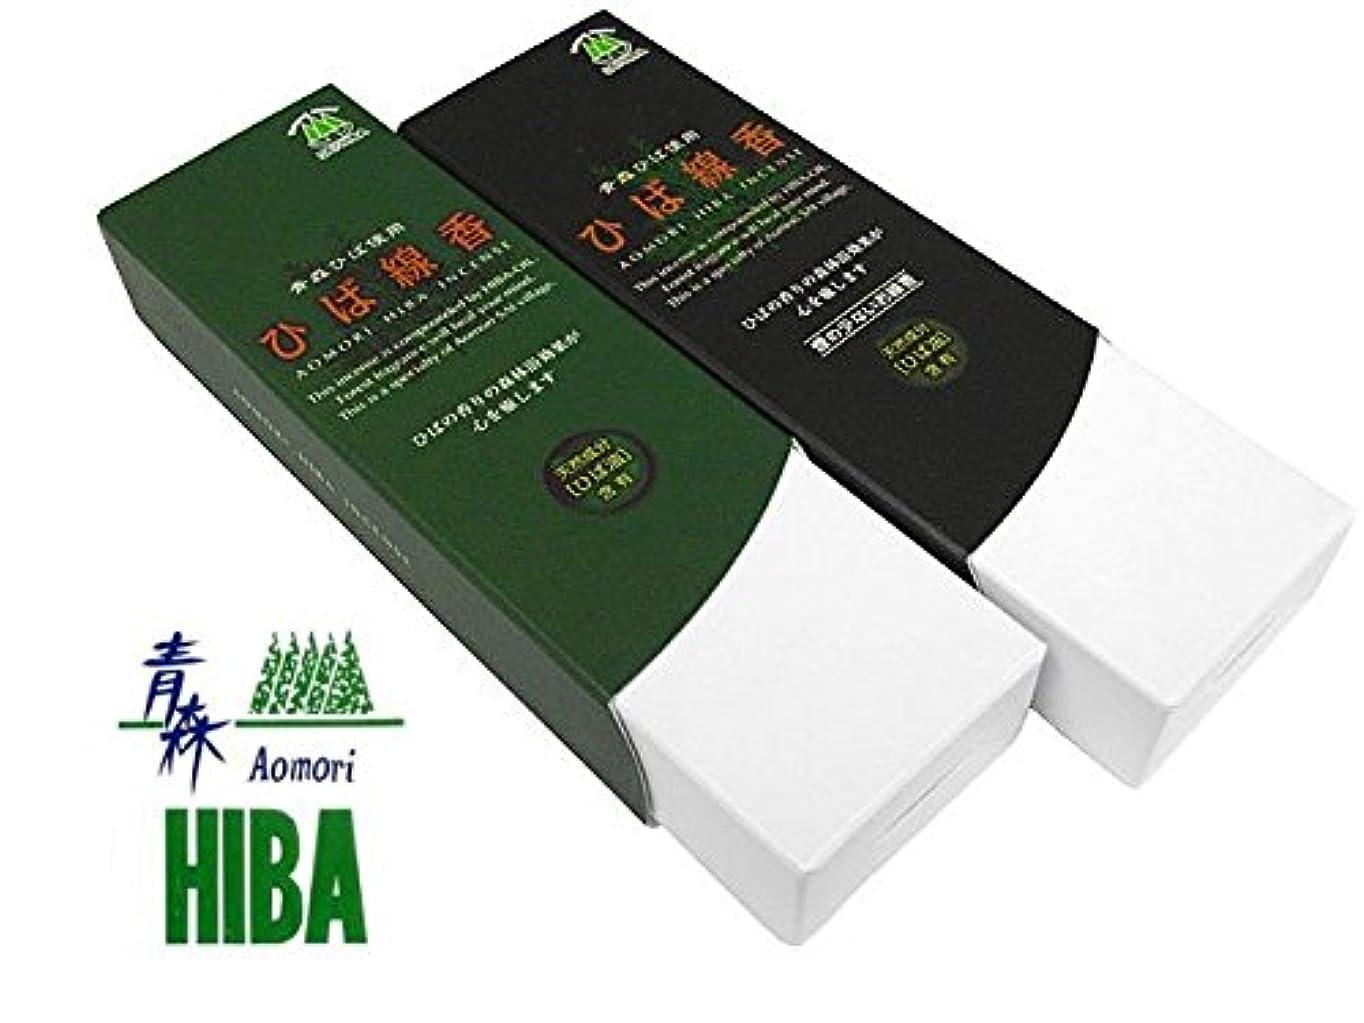 ダッシュエキスゴージャス青森ひば 青森ヒバのお 黒と緑のお手軽サイズ2箱セット 天然ひば製油配合の清々しい木の香り